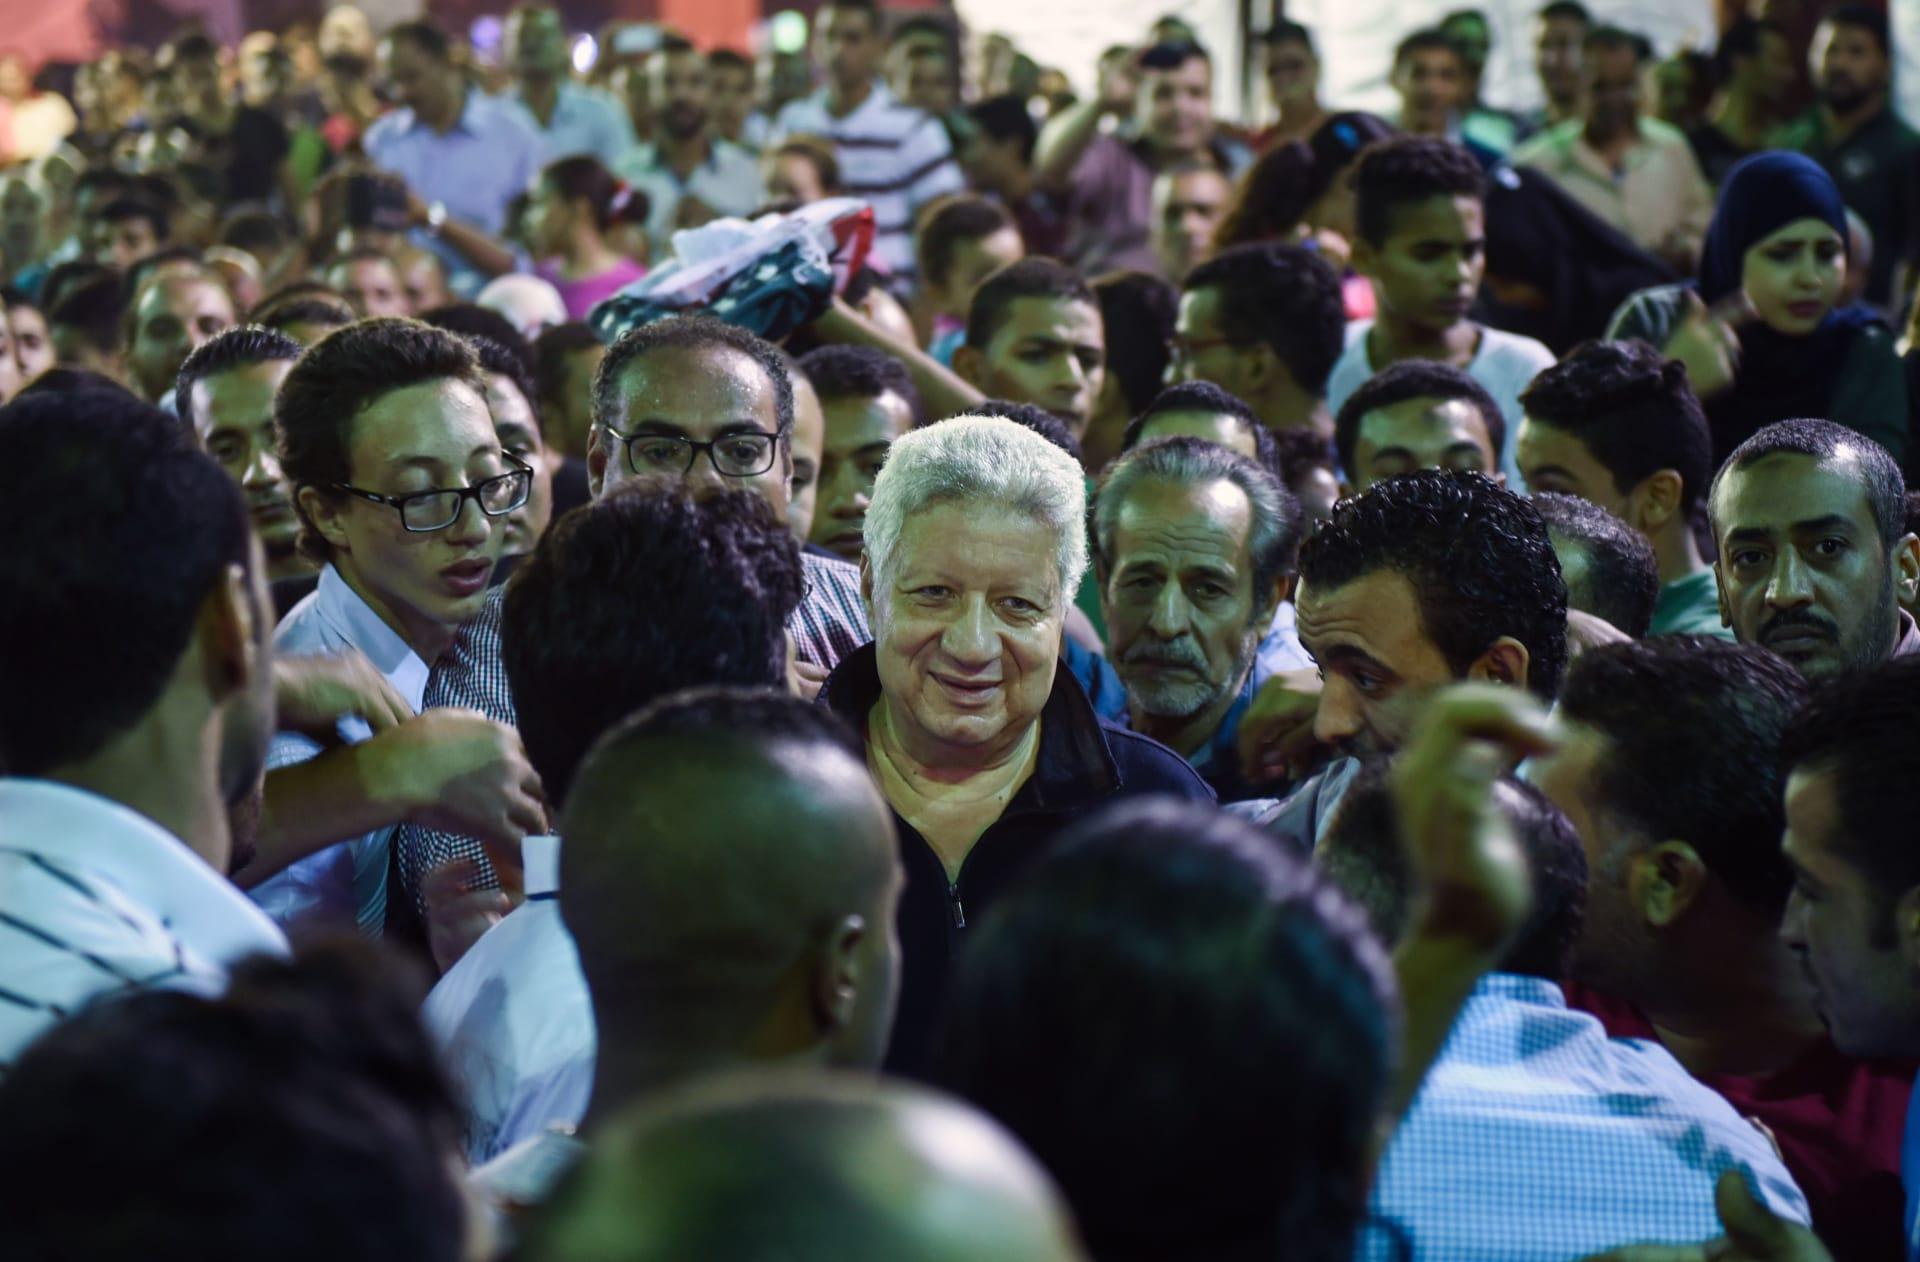 رئيس نادي الزمالك مرتضى منصور الأكثر تداولا على مستوى مصر في تويتر